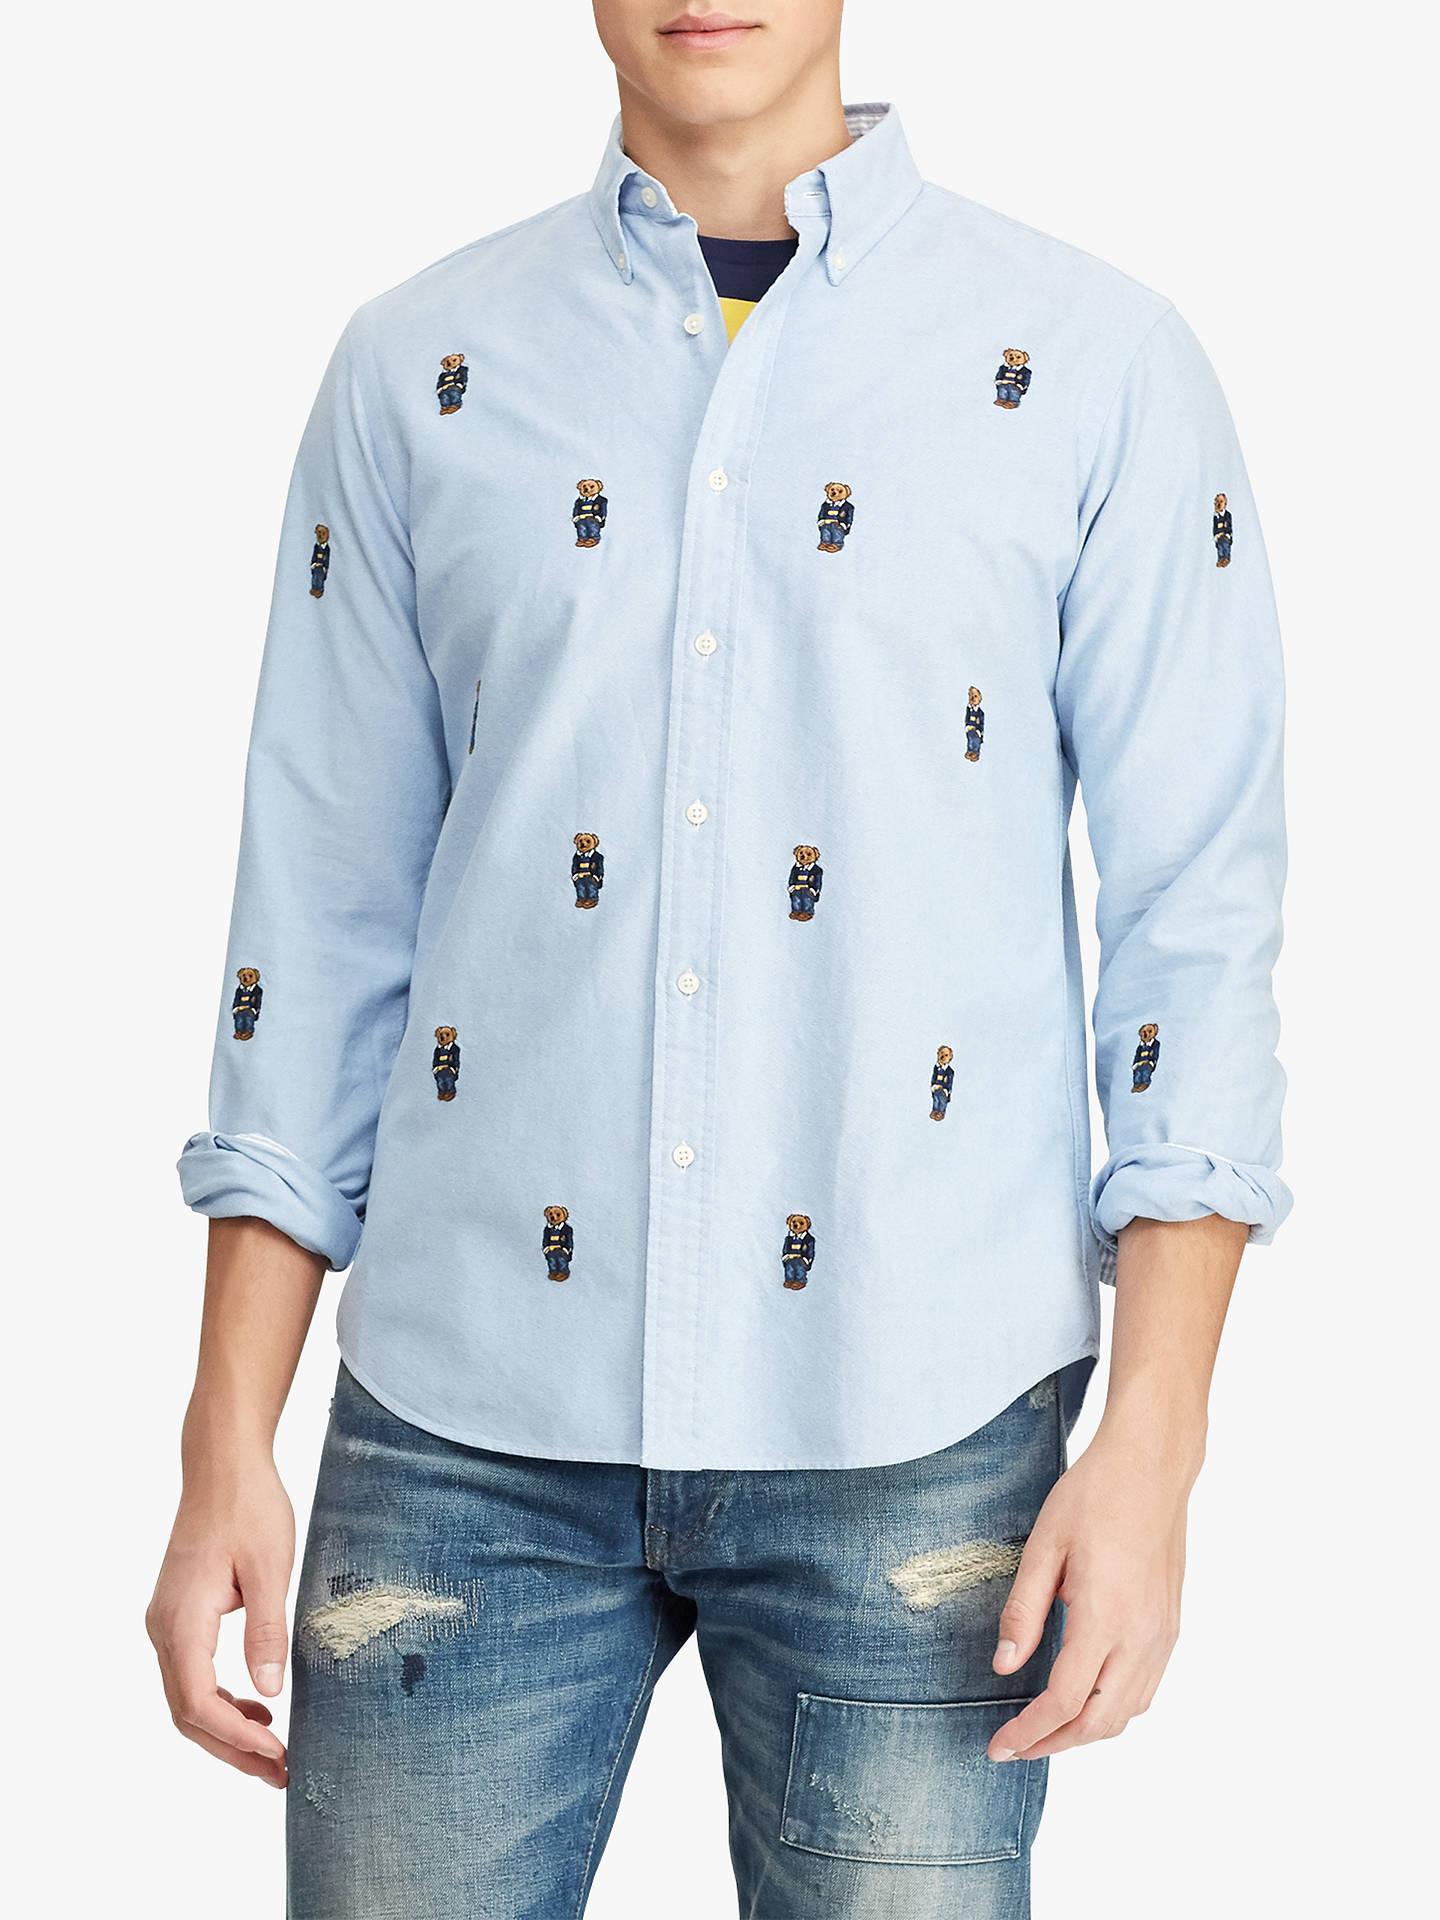 531e9e18 Buy Polo Ralph Lauren Bear Oxford Shirt, Blue, S Online at johnlewis.com ...